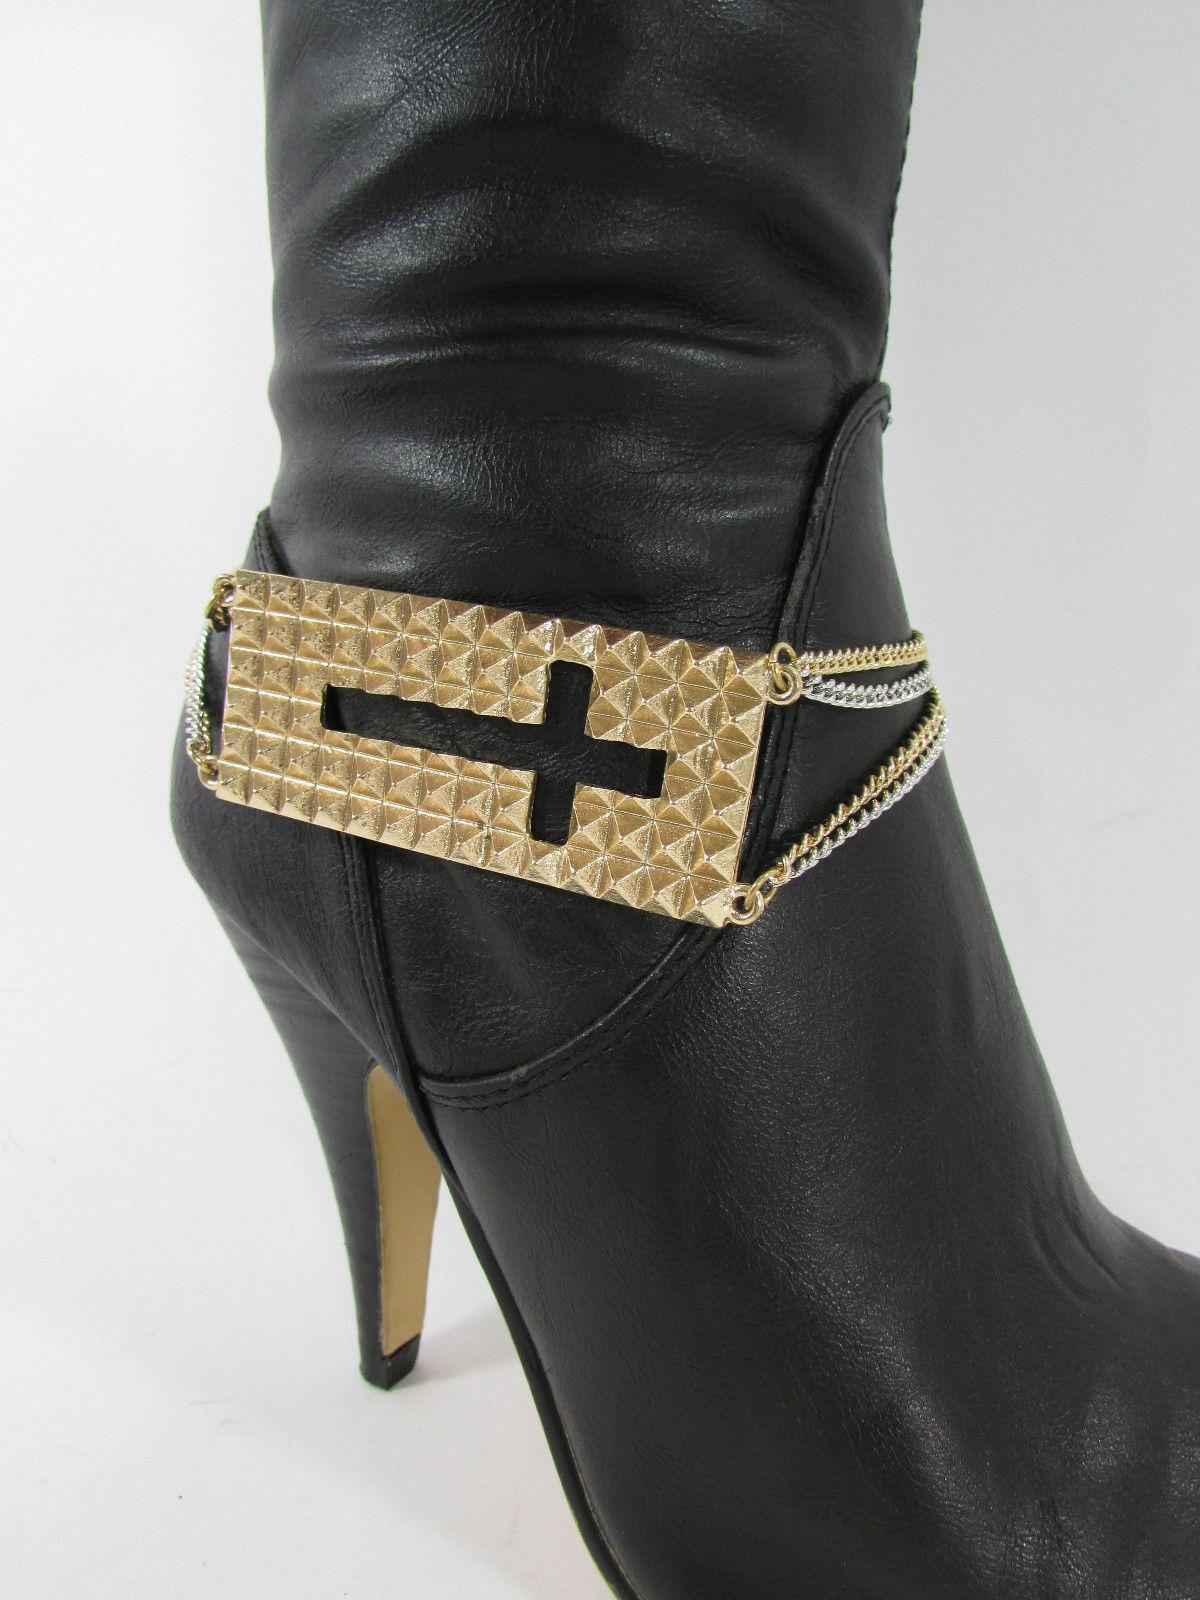 Femme Mode Bijoux Coffre Bracelet or Plaque Croix Chaînes Chaussure Bling image 7